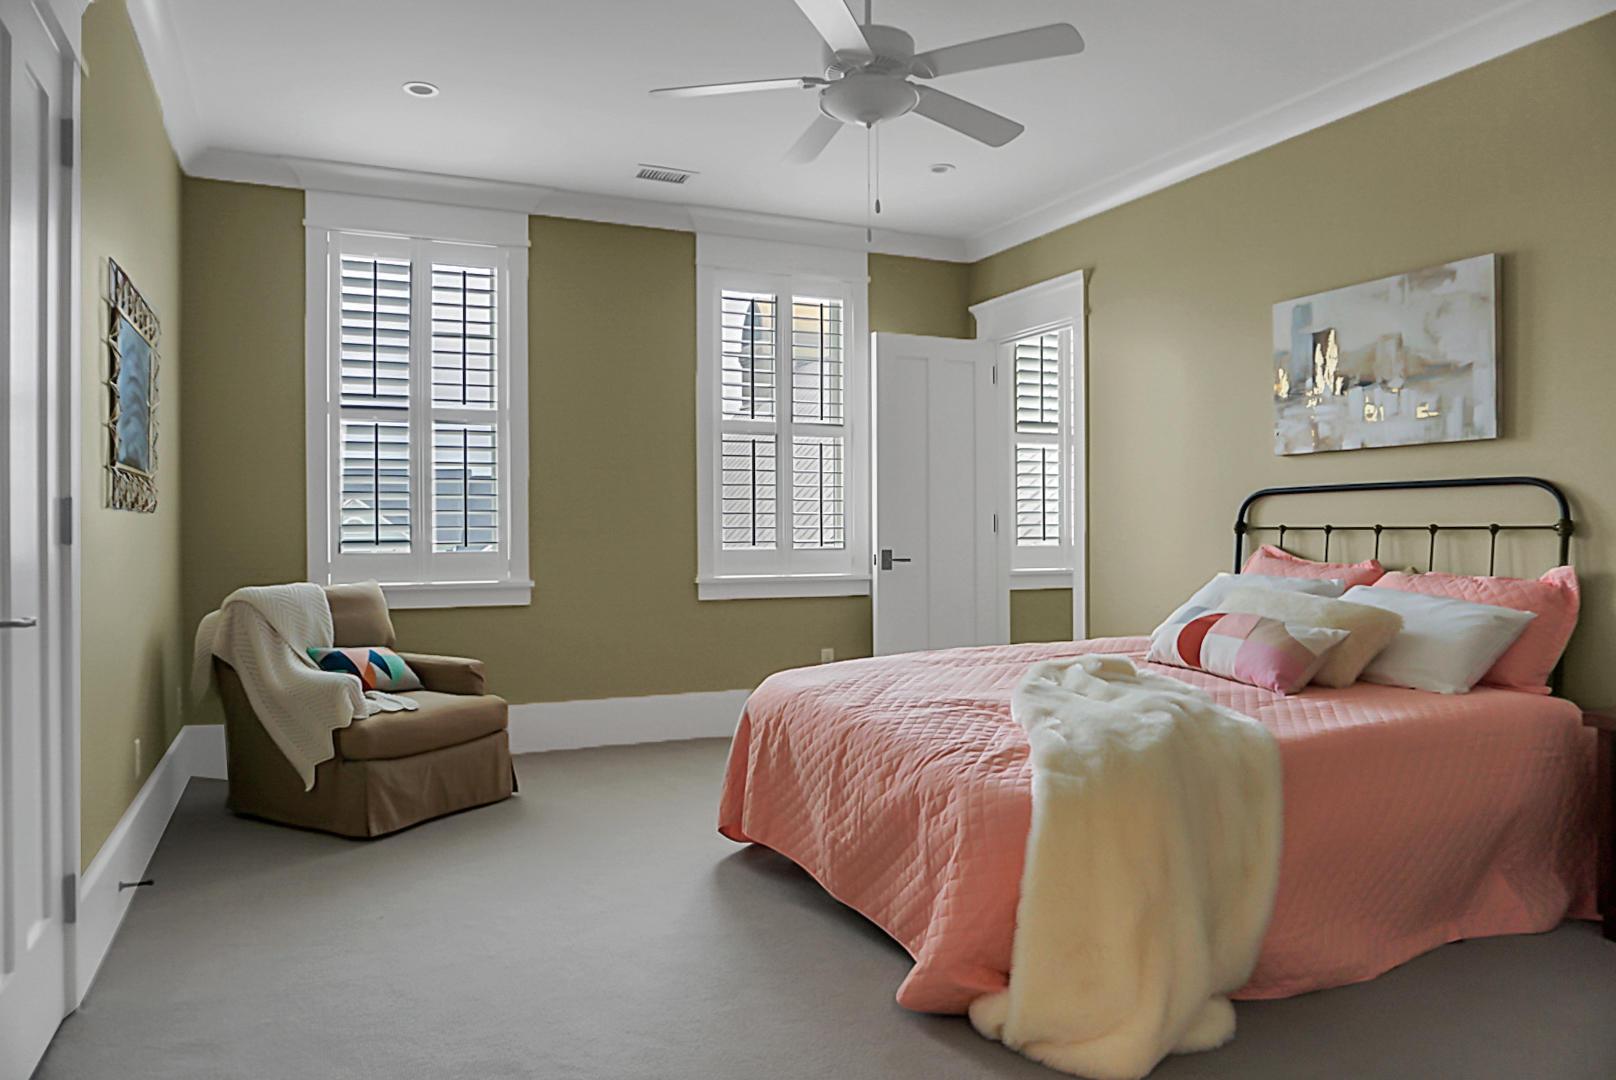 Dunes West Homes For Sale - 2978 River Vista, Mount Pleasant, SC - 65